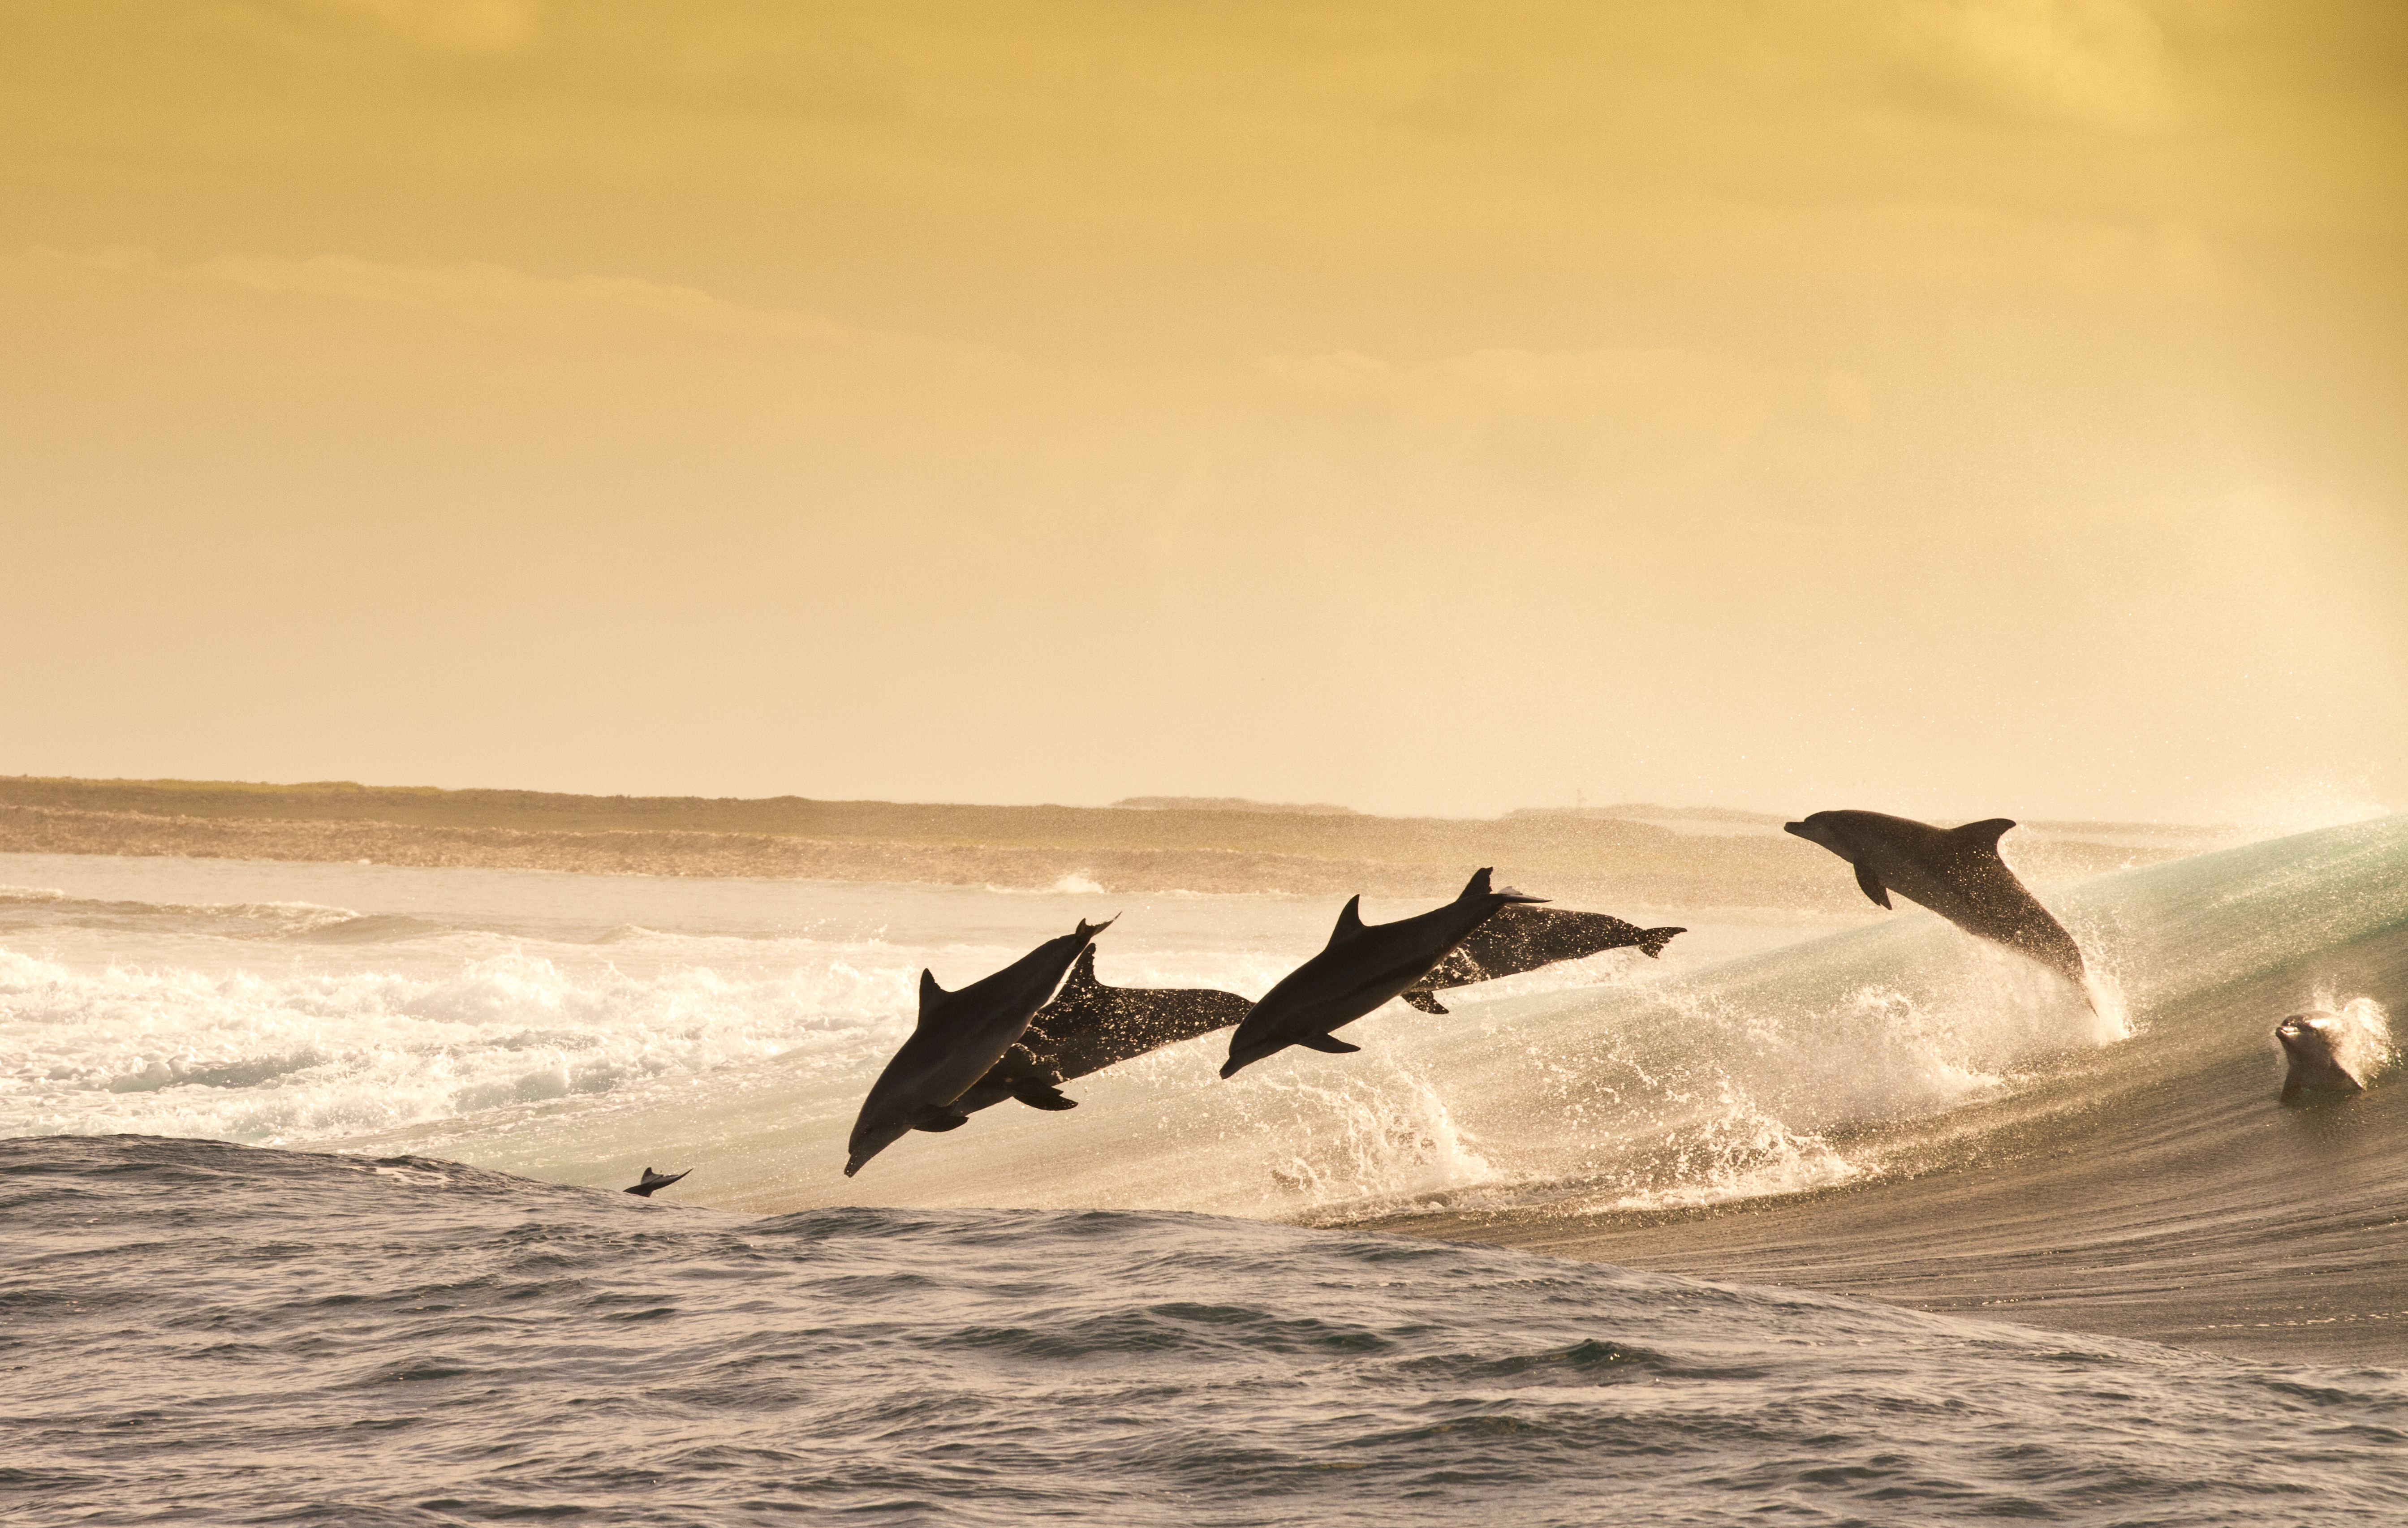 Дельфин прыжок волна бесплатно